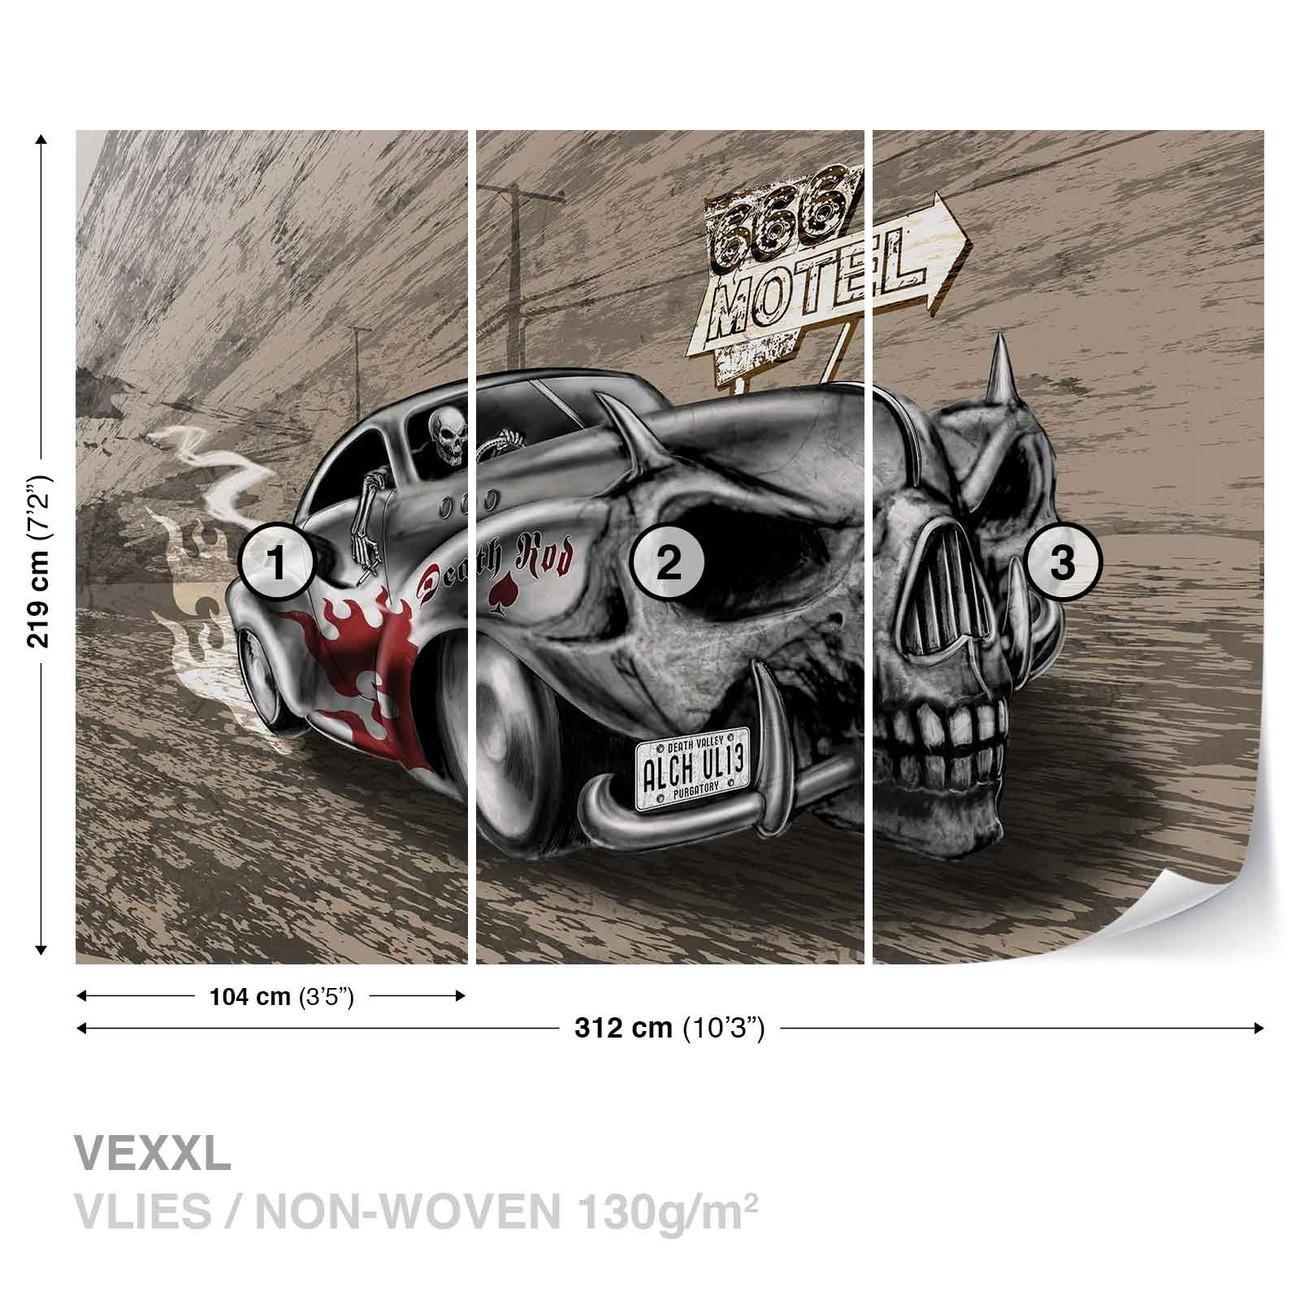 alchimie mort hot rod voiture cr ne poster mural papier peint acheter le sur. Black Bedroom Furniture Sets. Home Design Ideas